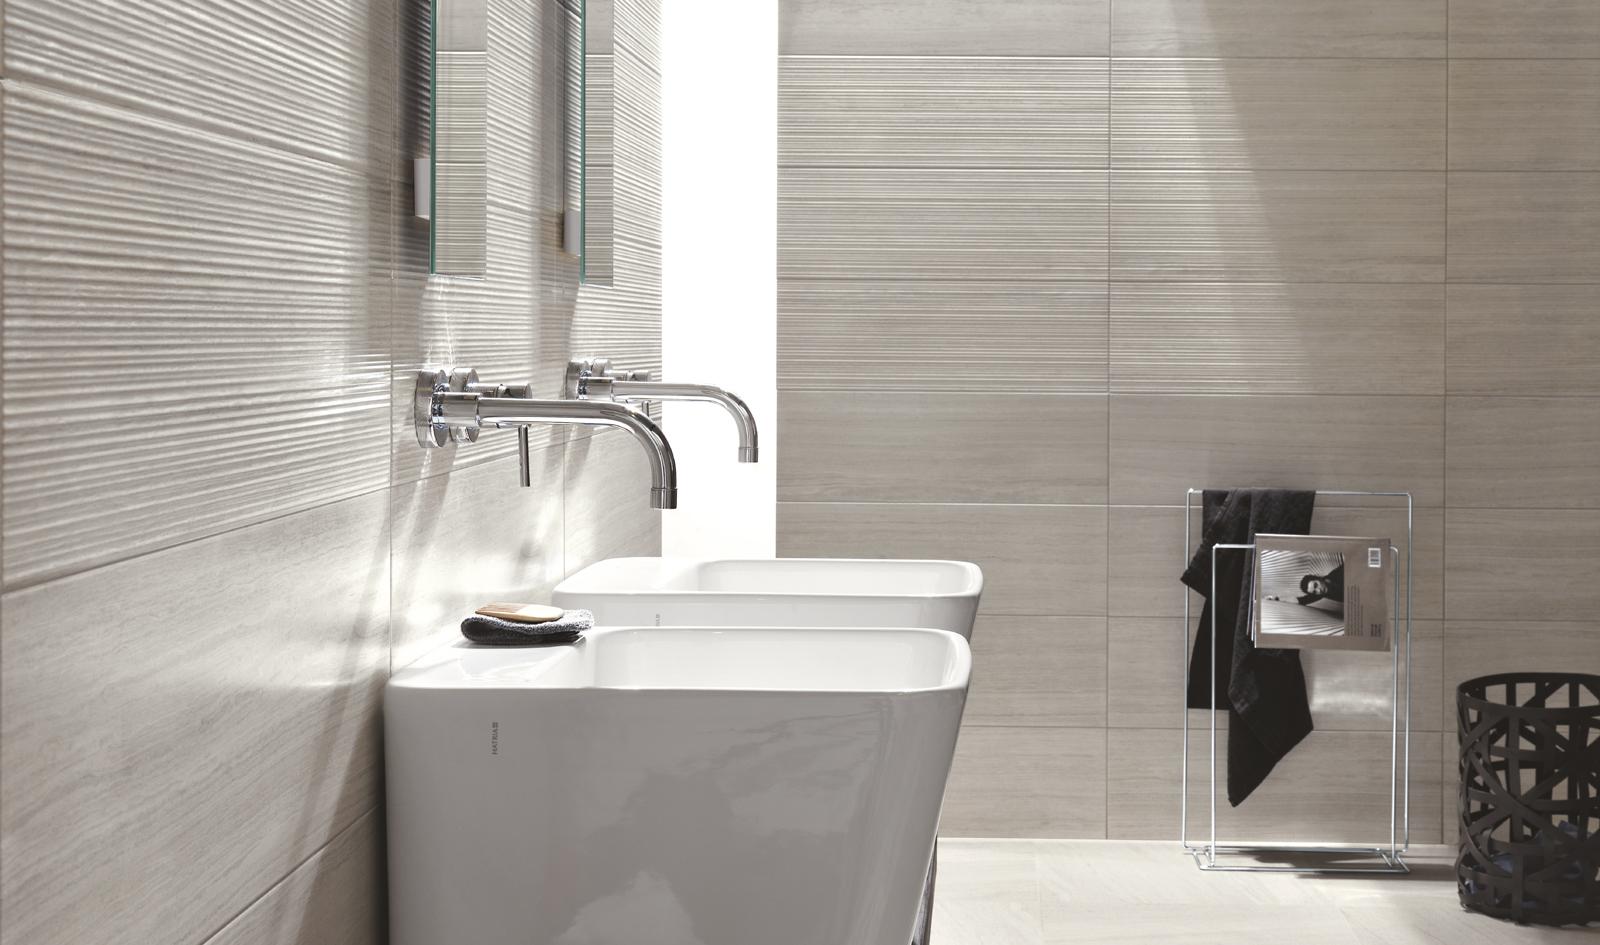 Collezione natural rivestimenti per il tuo bagno ragno - Mattonelle bagno ragno ...